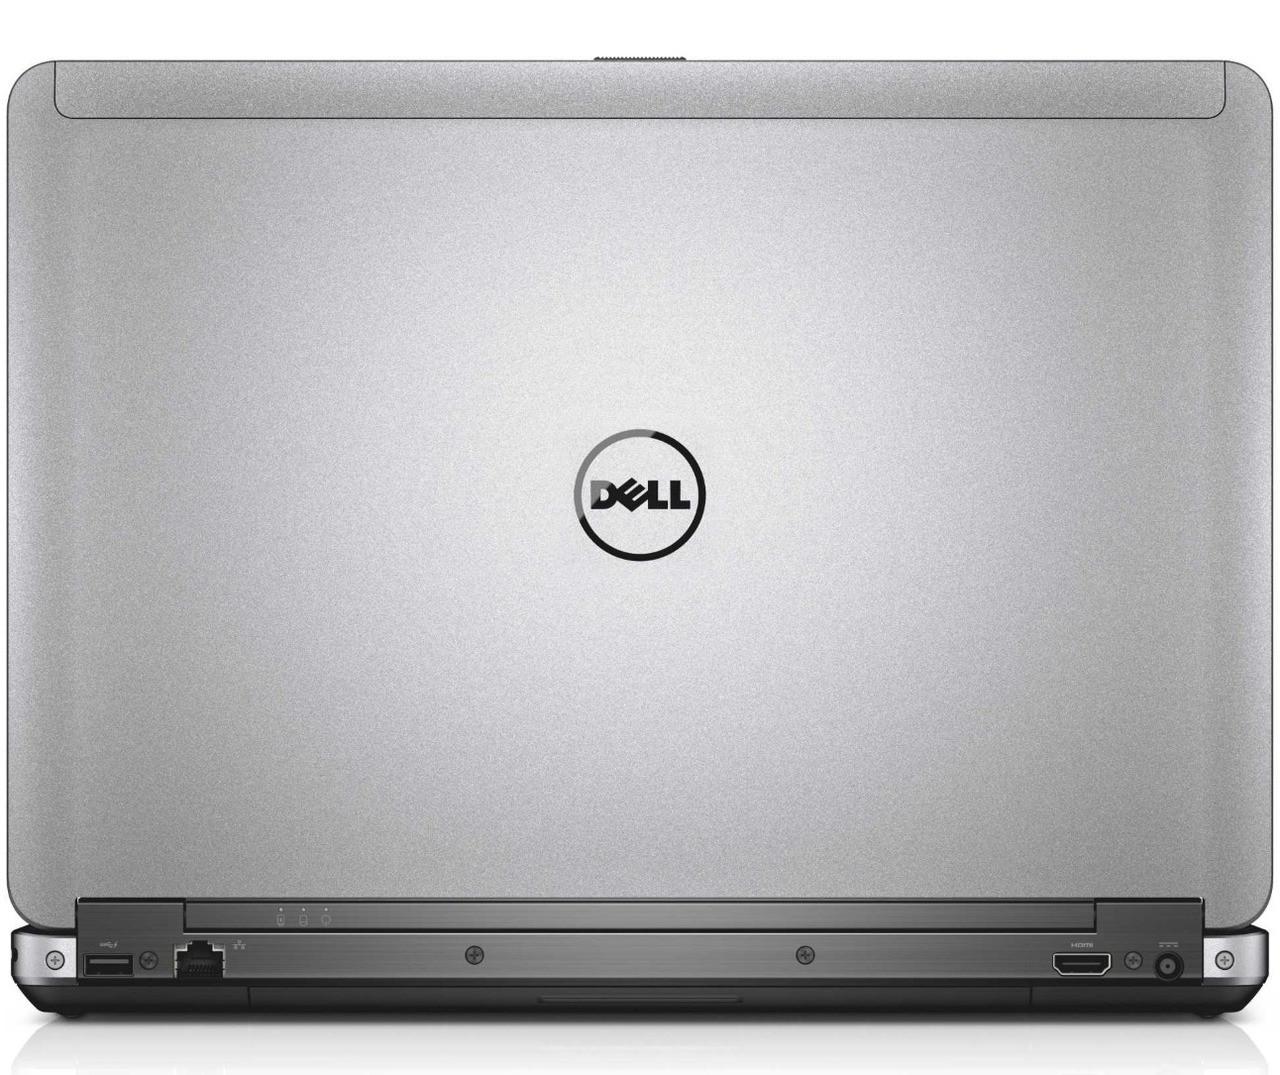 Dell Latitude E6440, i7 4600M, 8G RAM 500G HDD, 14